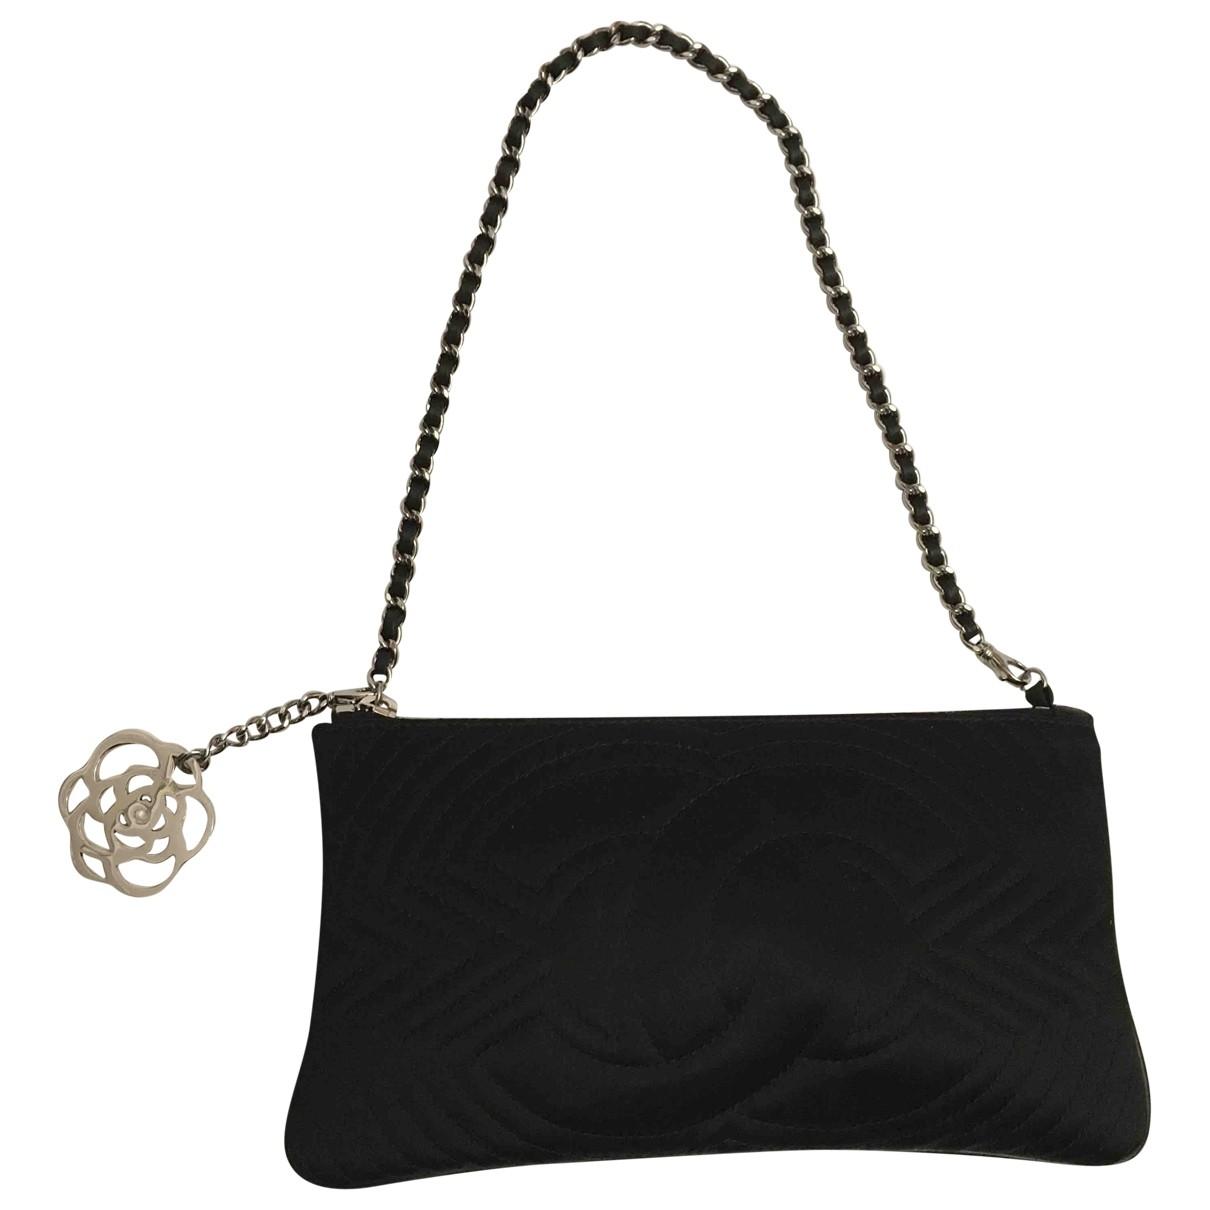 Chanel - Sac a main   pour femme en soie - noir